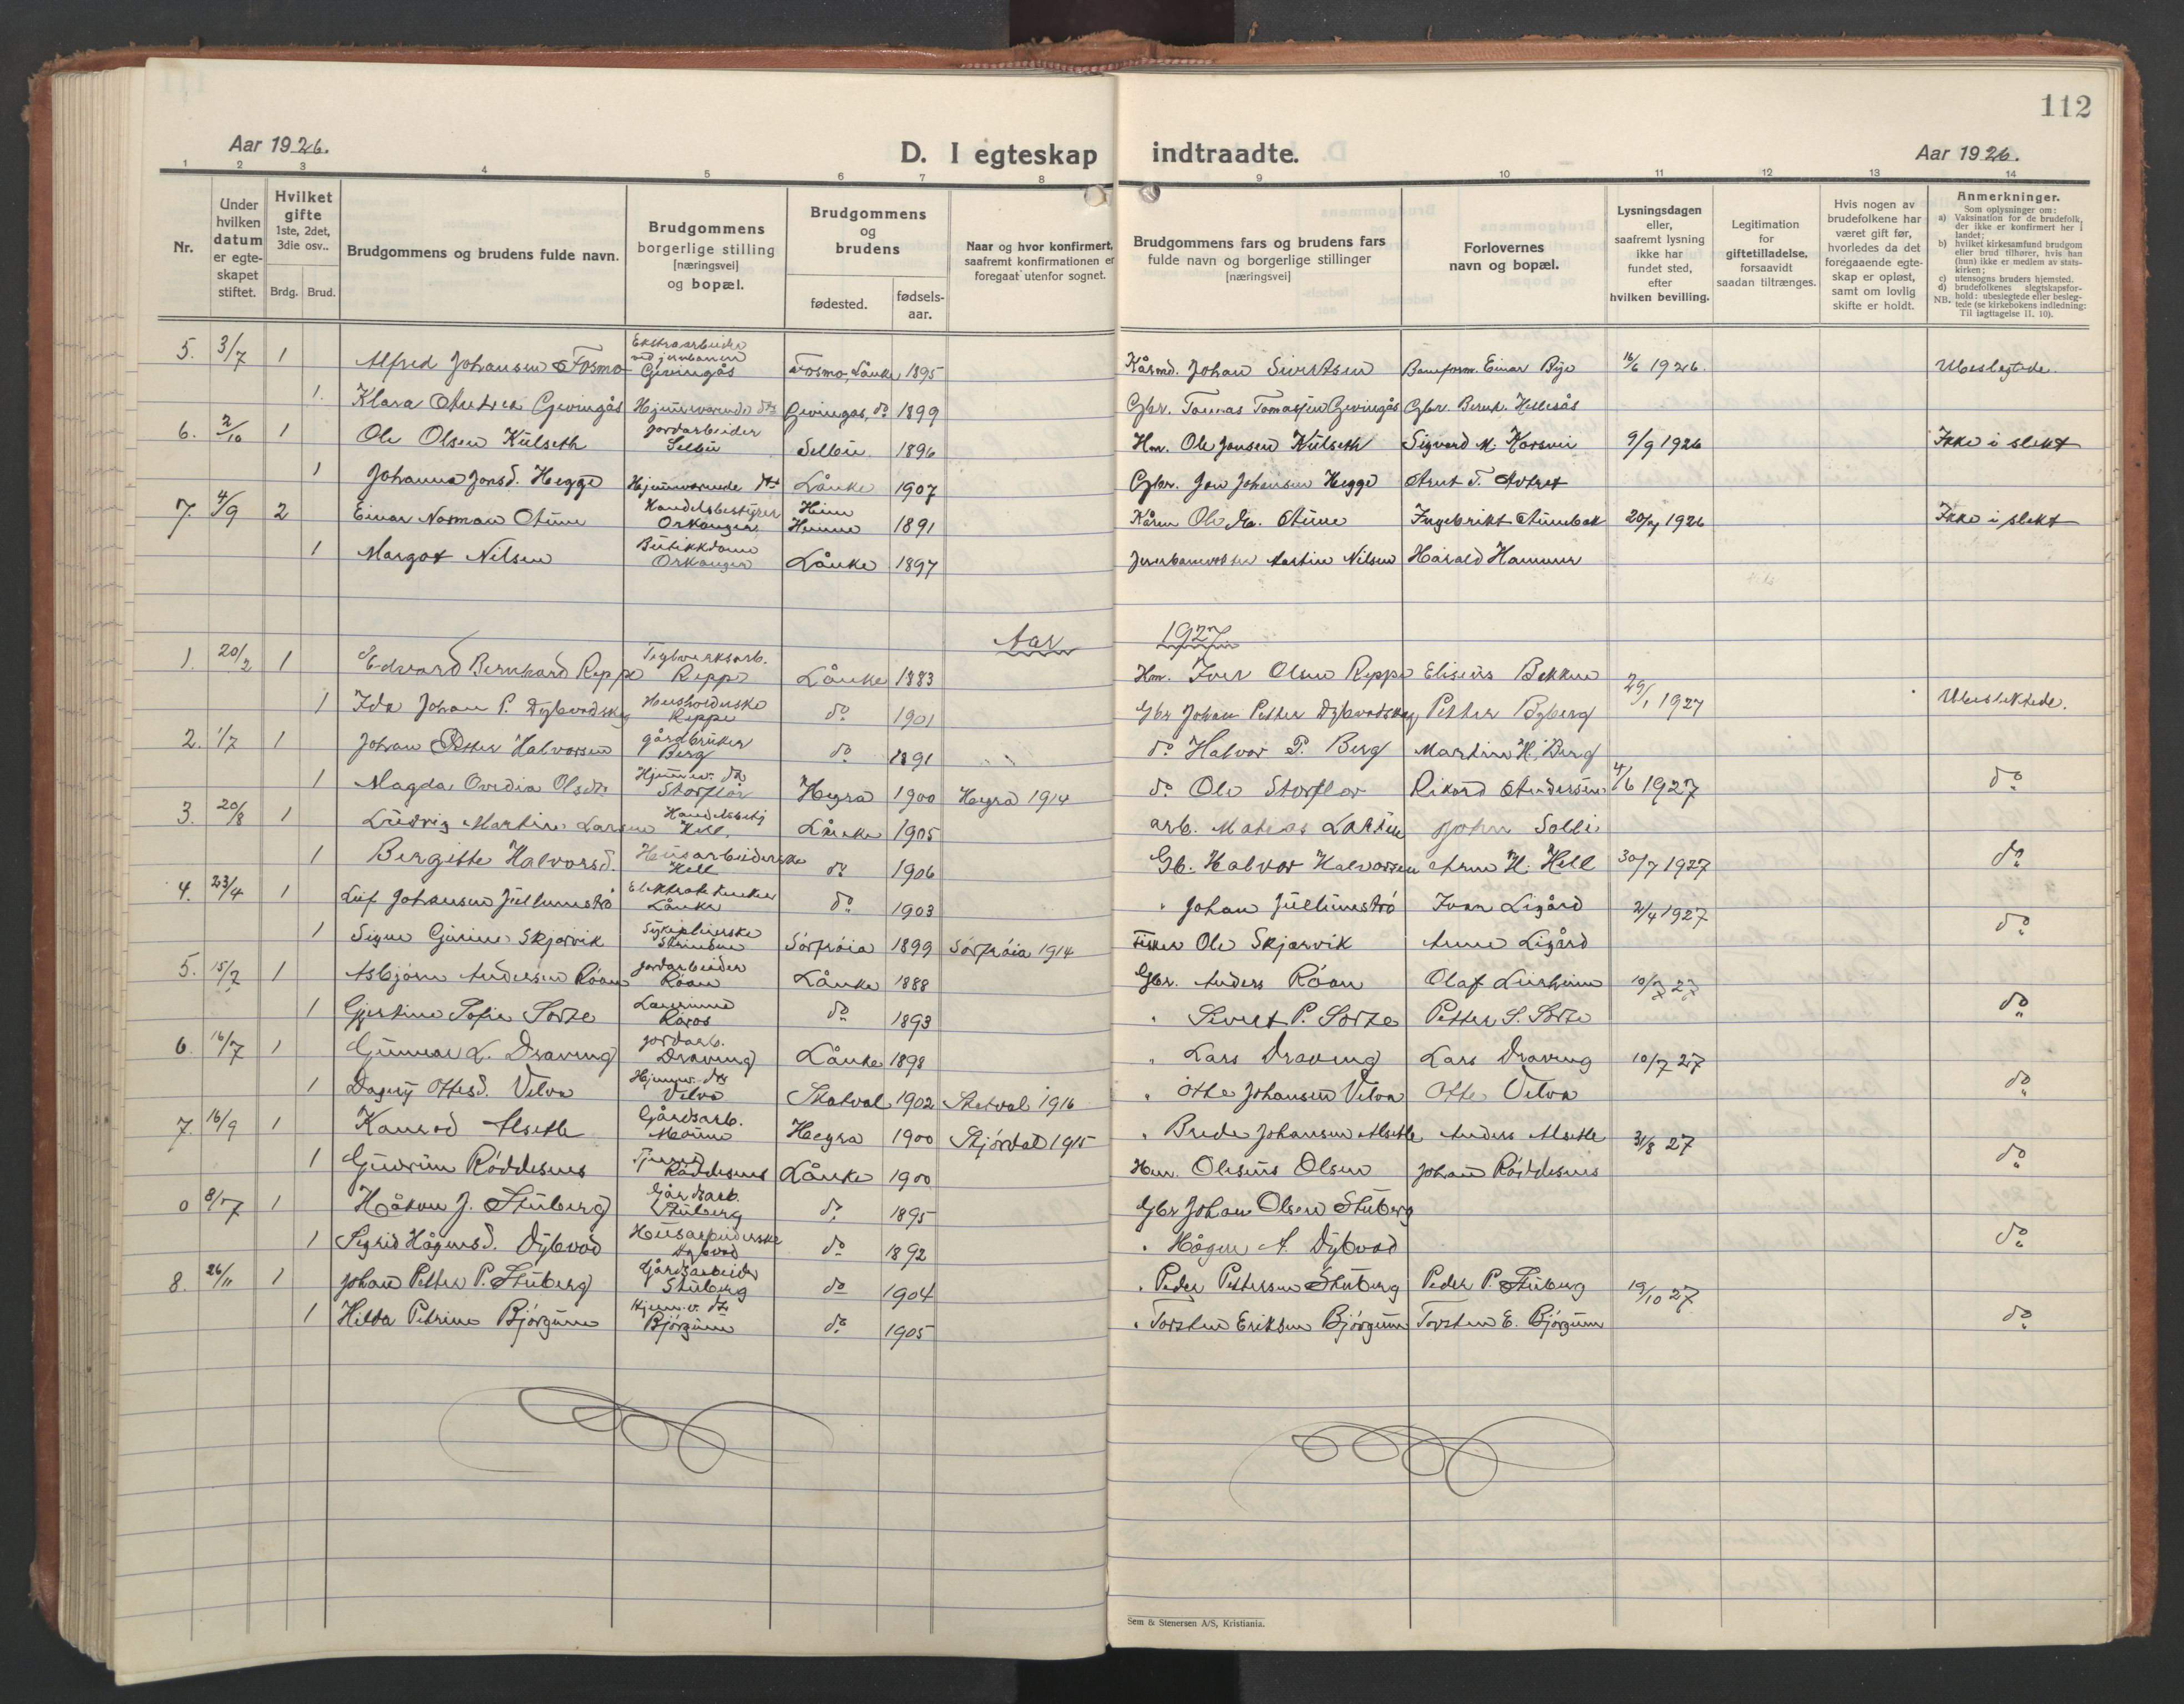 SAT, Ministerialprotokoller, klokkerbøker og fødselsregistre - Nord-Trøndelag, 710/L0097: Klokkerbok nr. 710C02, 1925-1955, s. 112